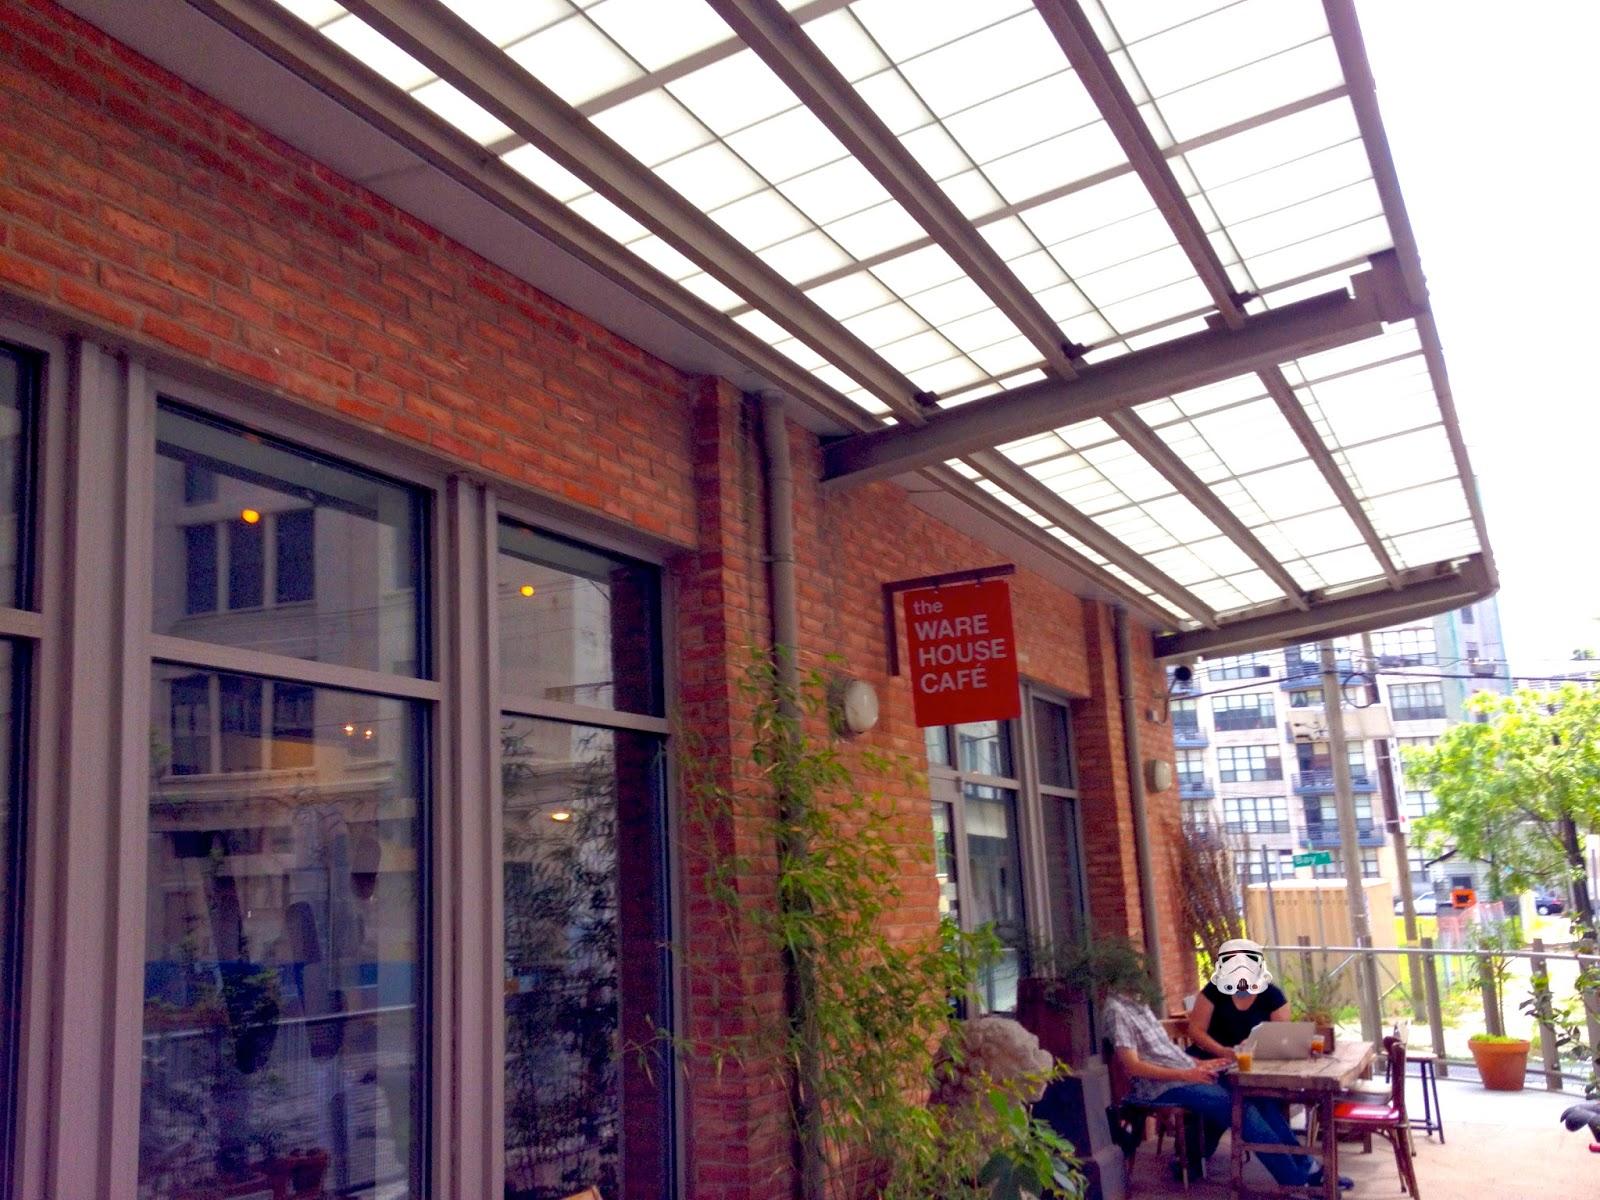 Warehouse cafe jersey city nj